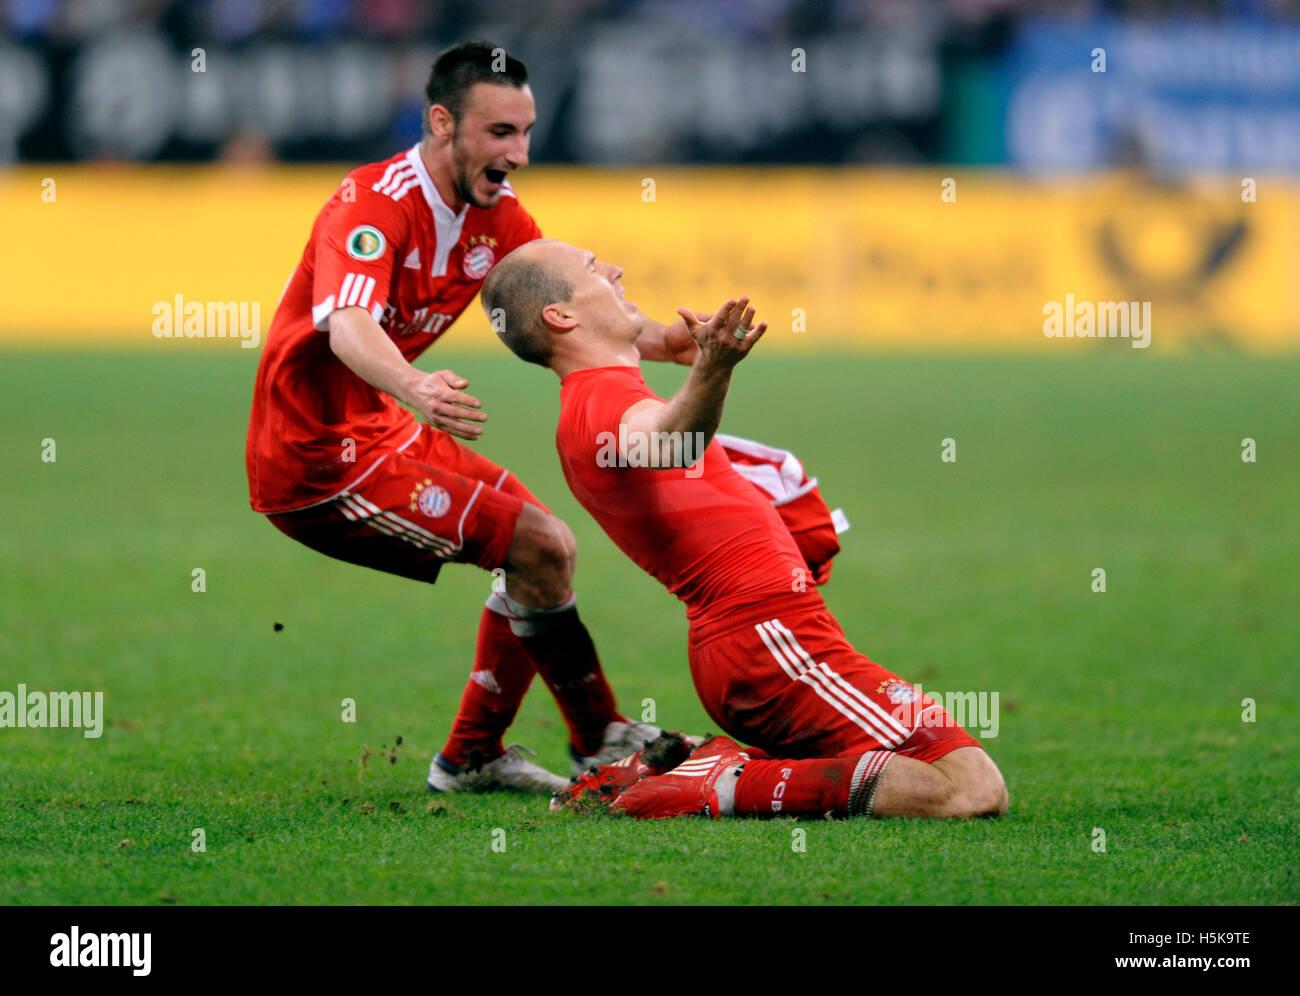 Arjen Robben il tifo dopo il suo obiettivo 0-1, insieme con Diego Contento, DFB tedesco di calcio Federation Cup Immagini Stock